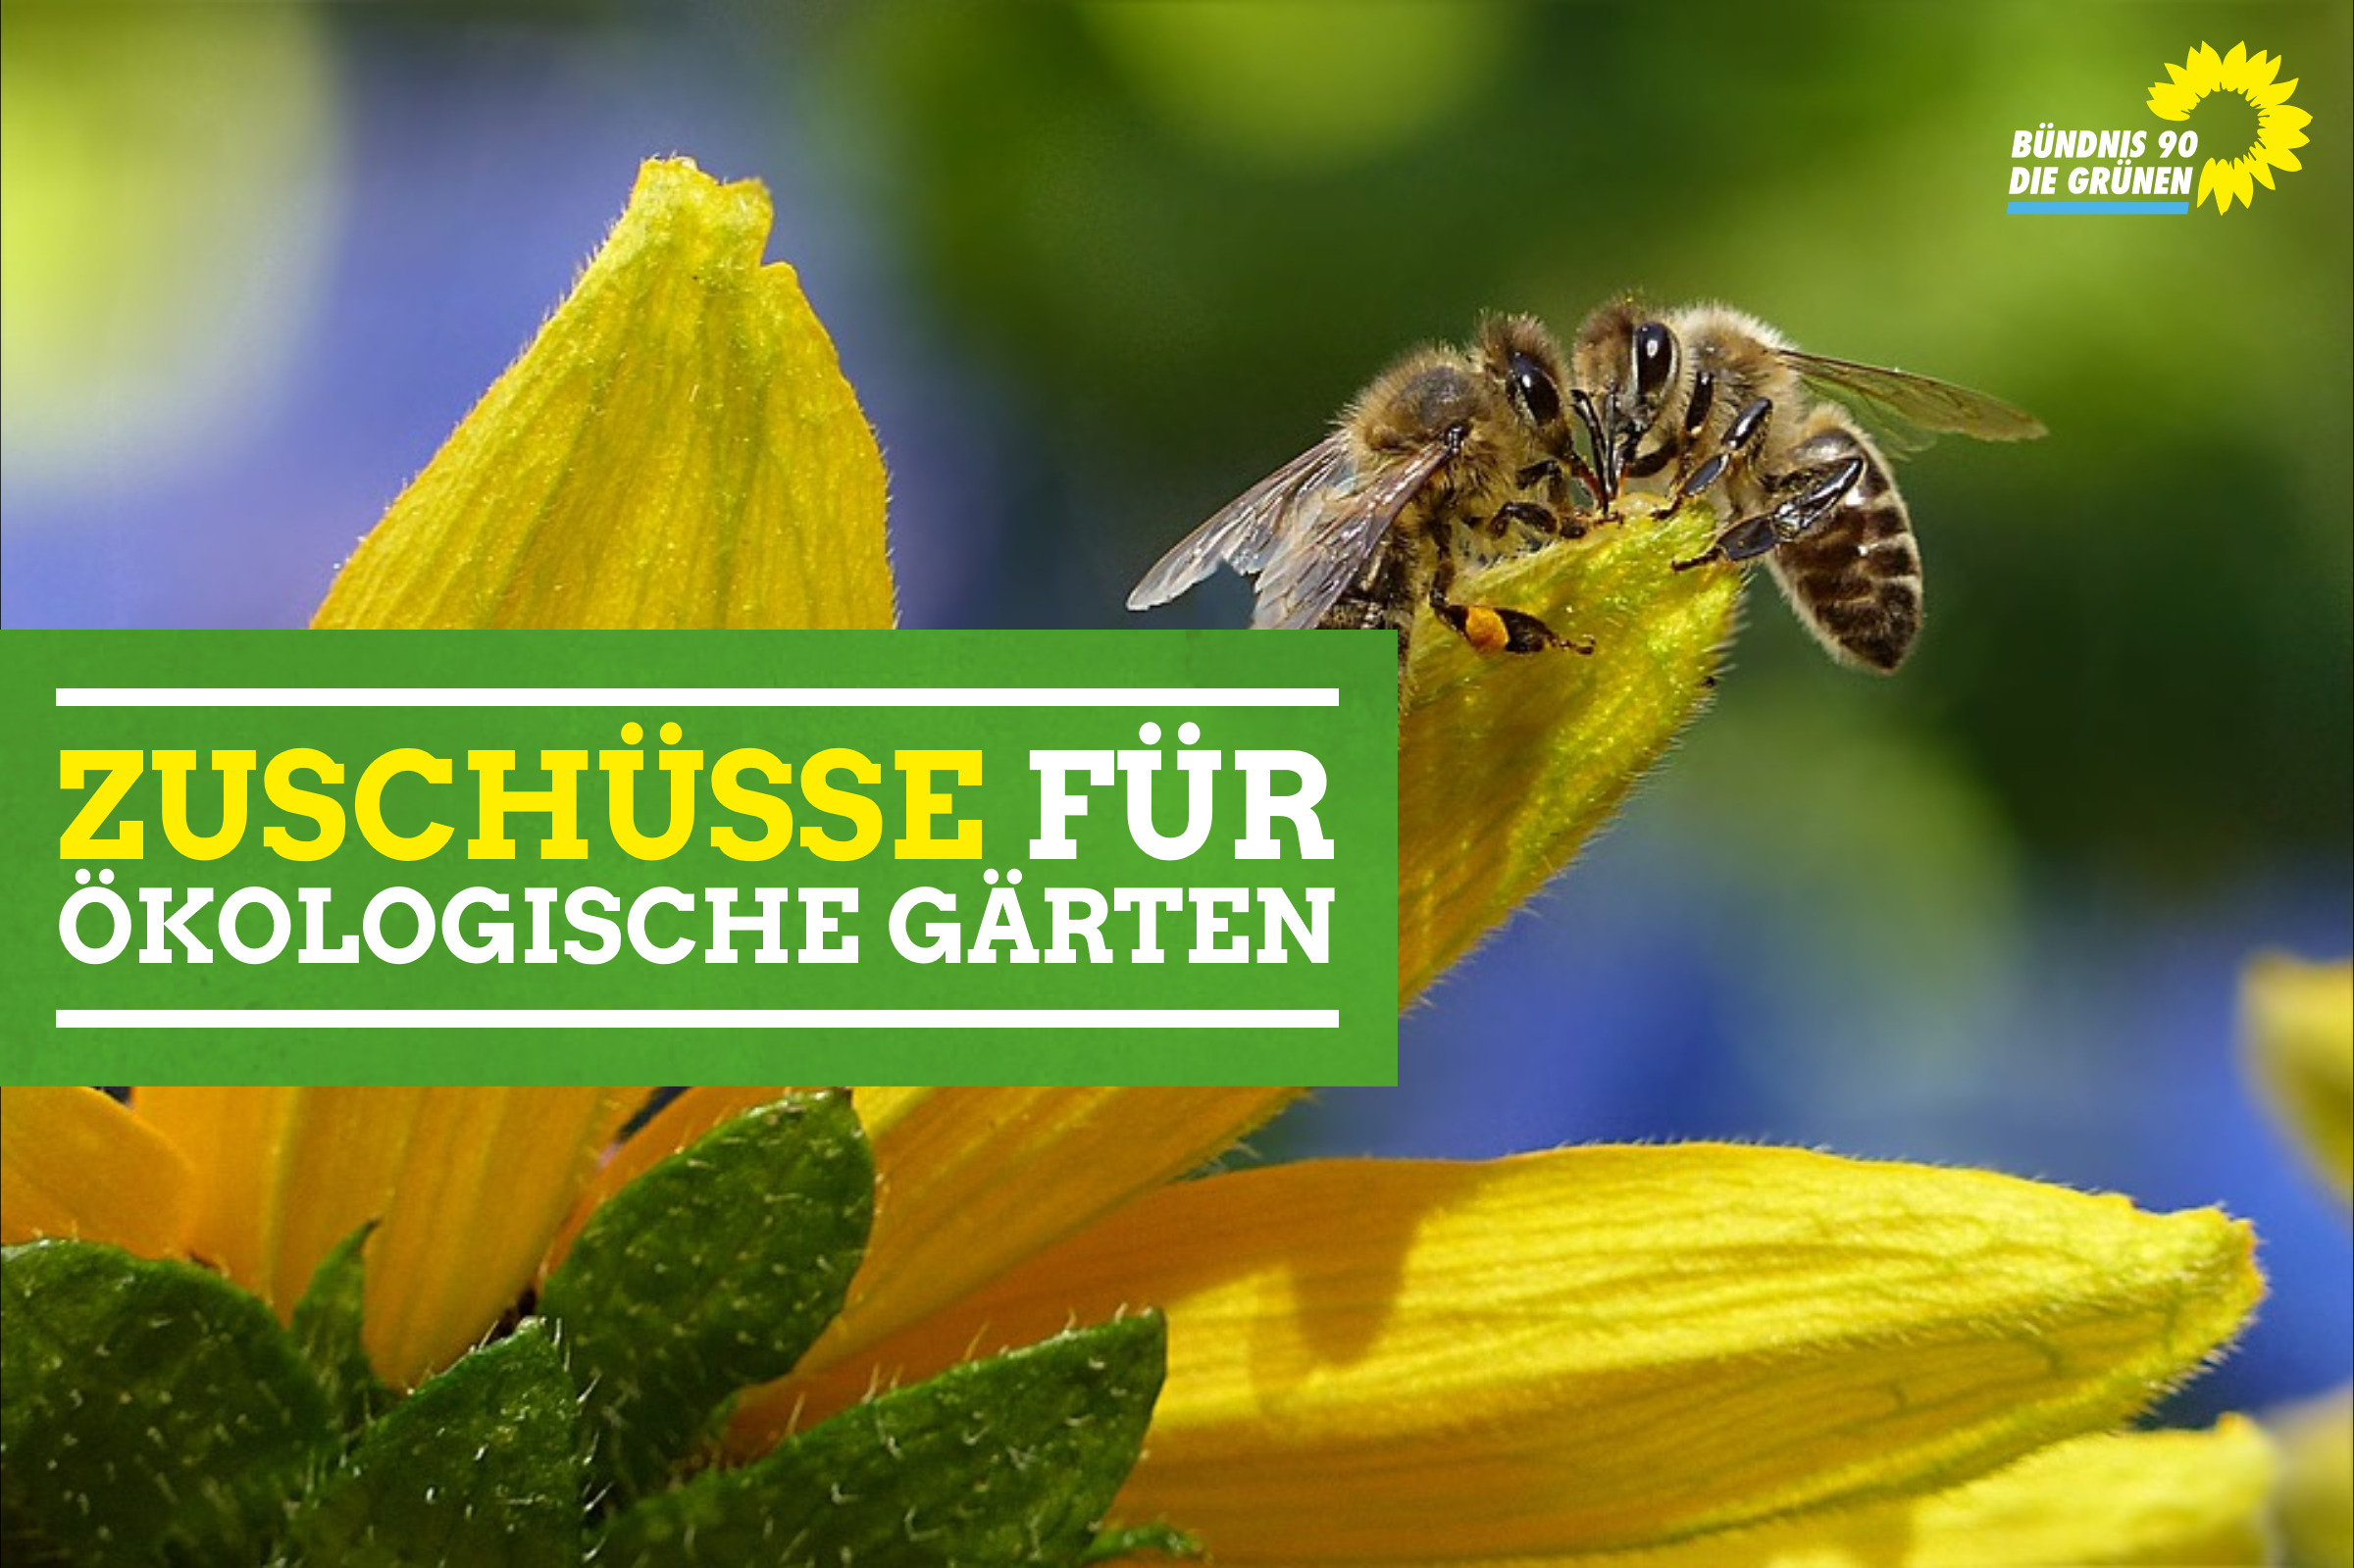 Zuschüsse für ökologische Gärten – Wie kann es gehen ???